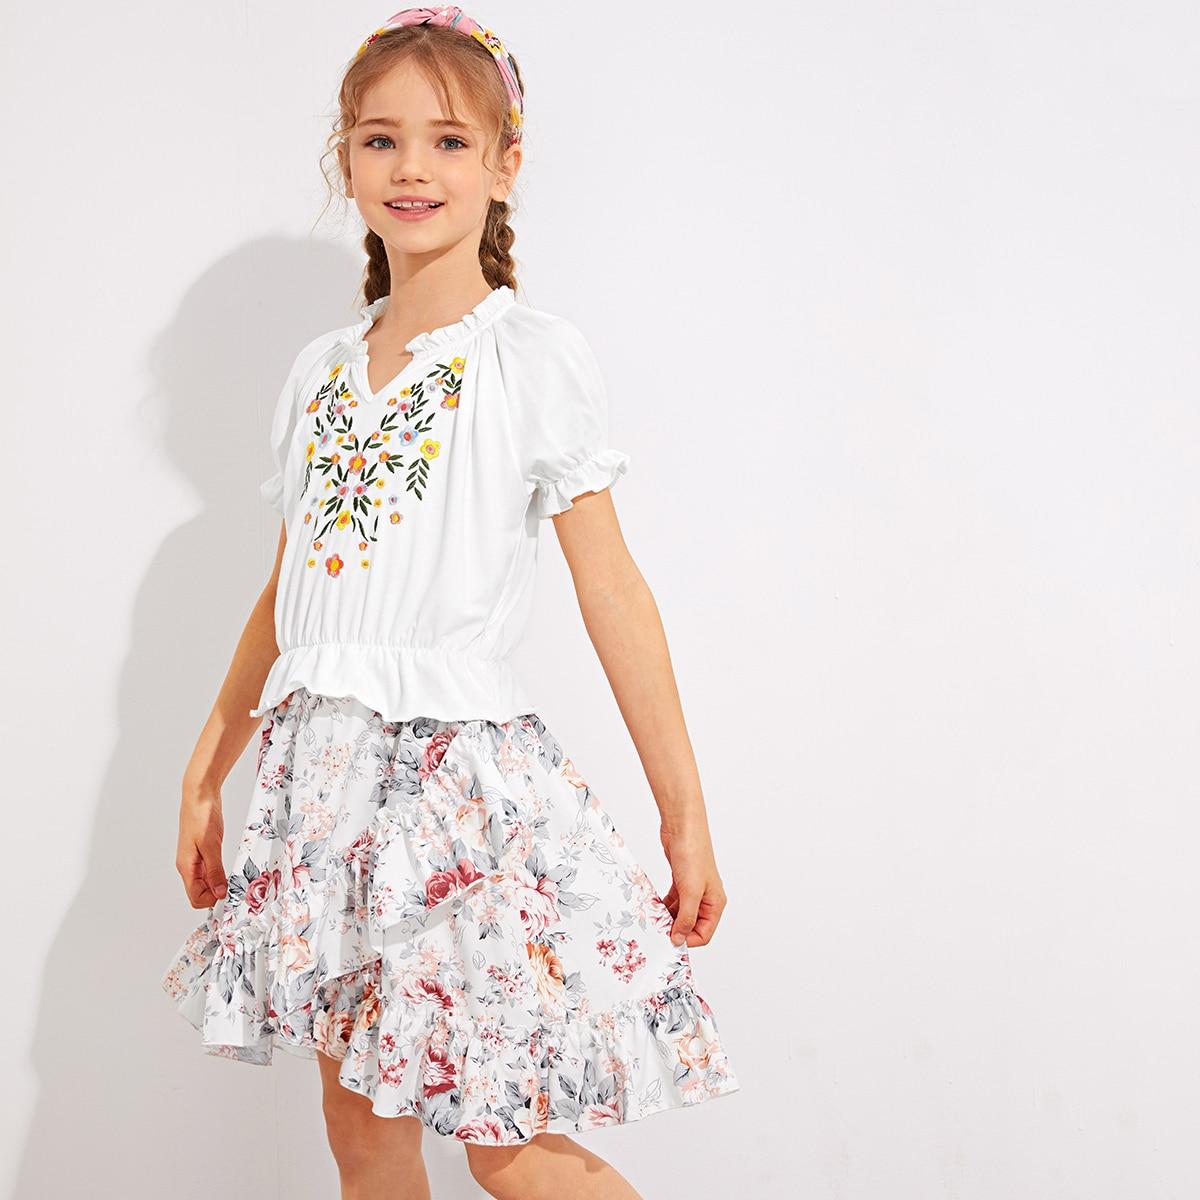 Юбка и топ с цветочной вышивкой, пышным рукавом для девочек